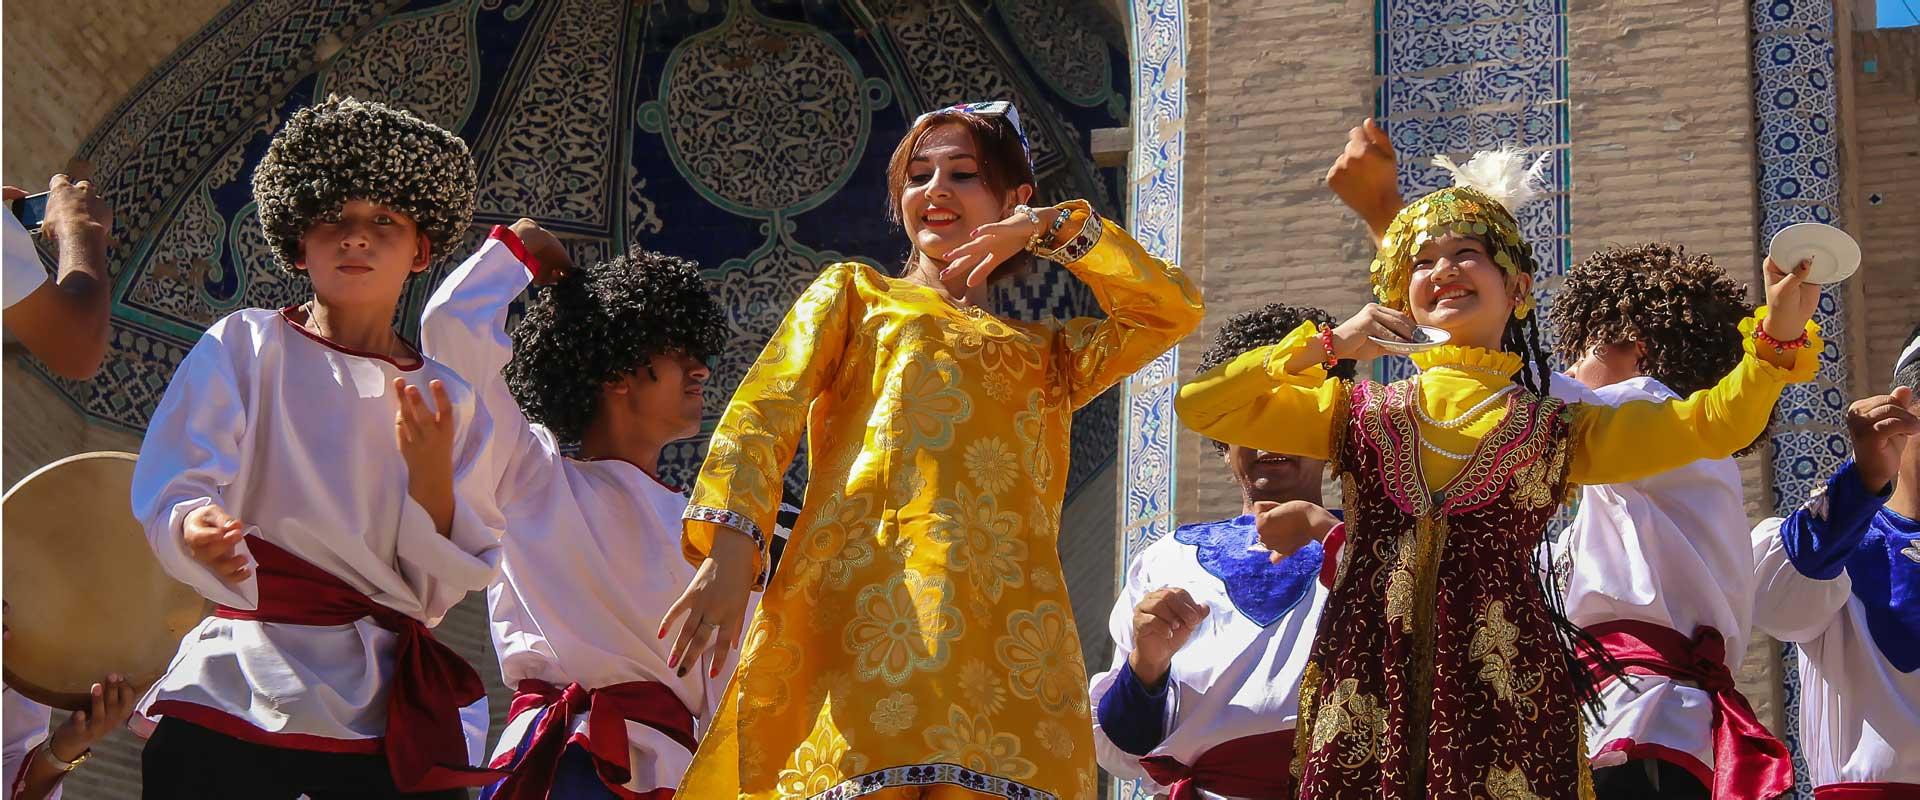 Kultur- und Erlebnisreisen